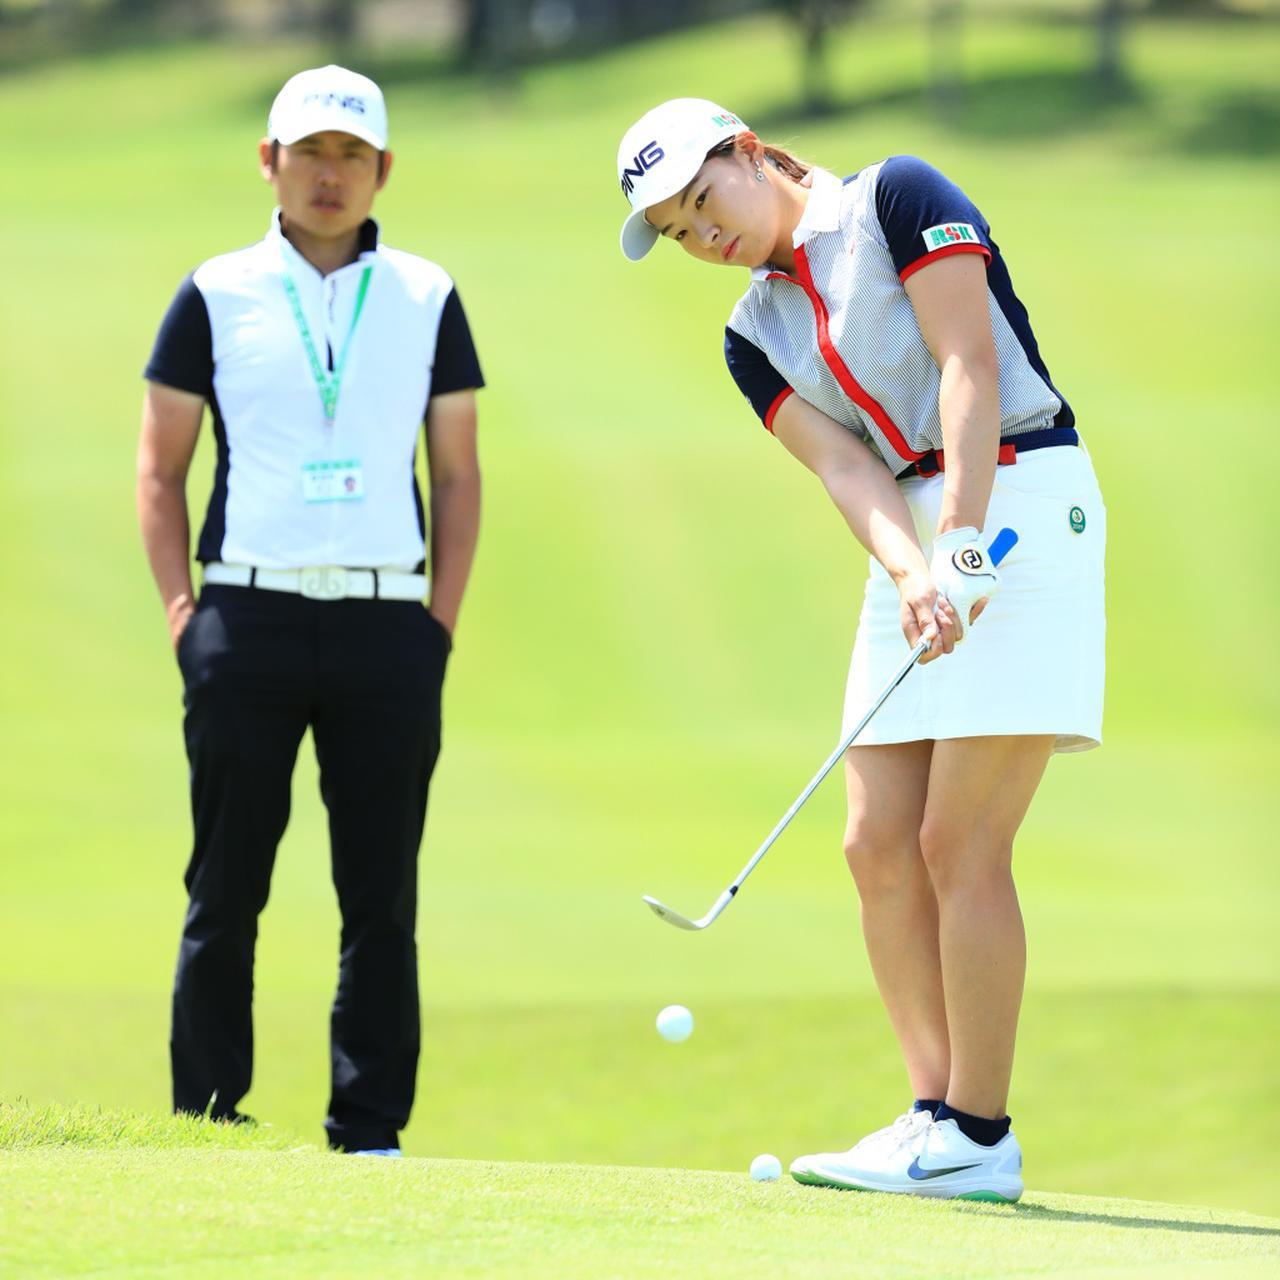 画像: 初めから技術は教えない。まずはゴルフの楽しさを教える